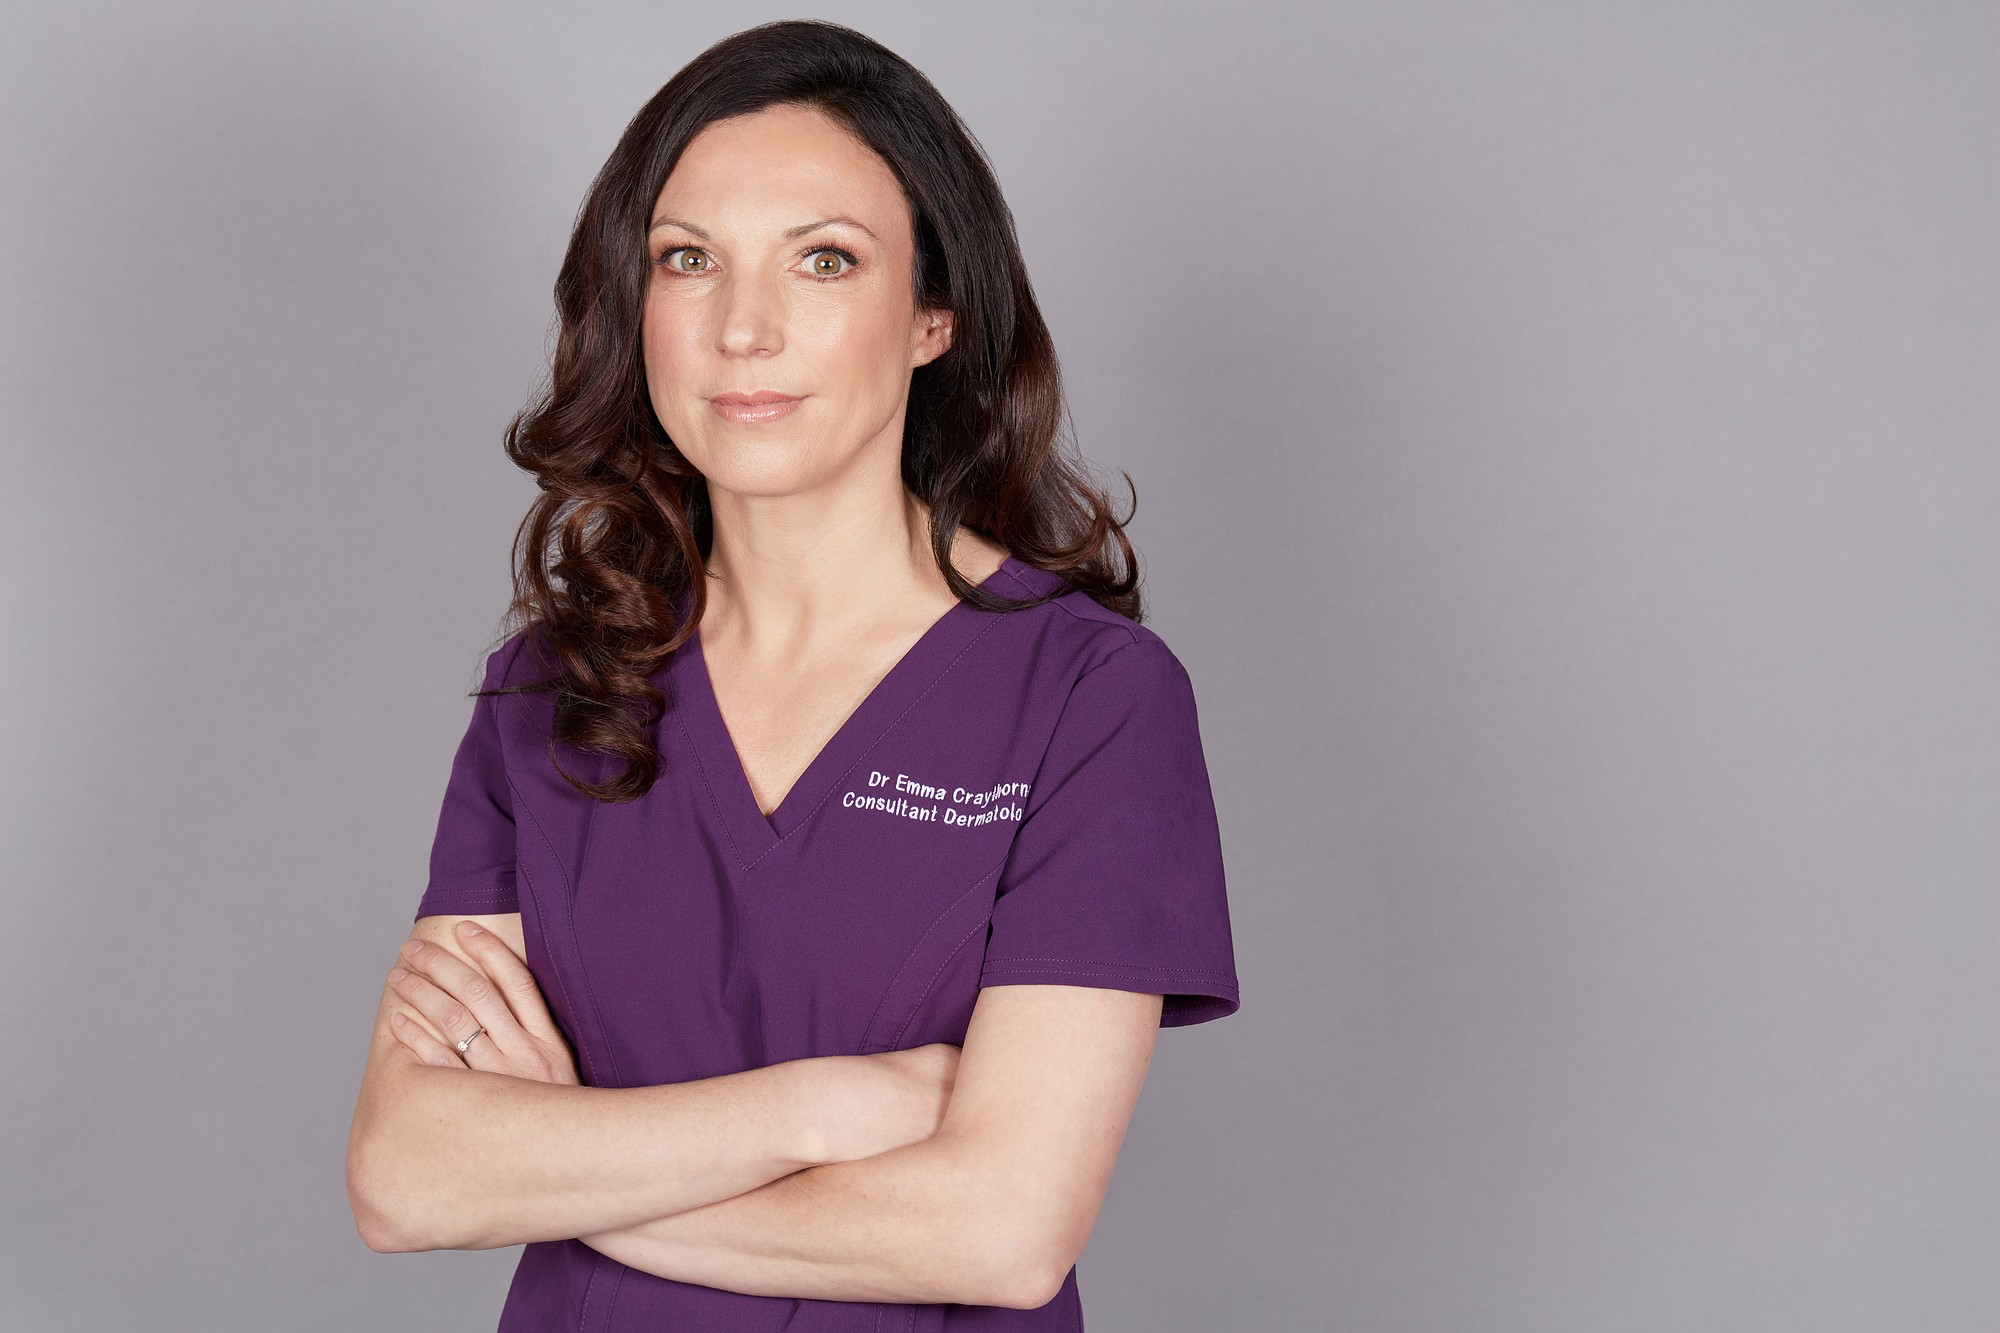 la-clinica-della-pelle:-cio-che-forse-ancora-non-sapete-sulla-dottoressa-emma-craythorne